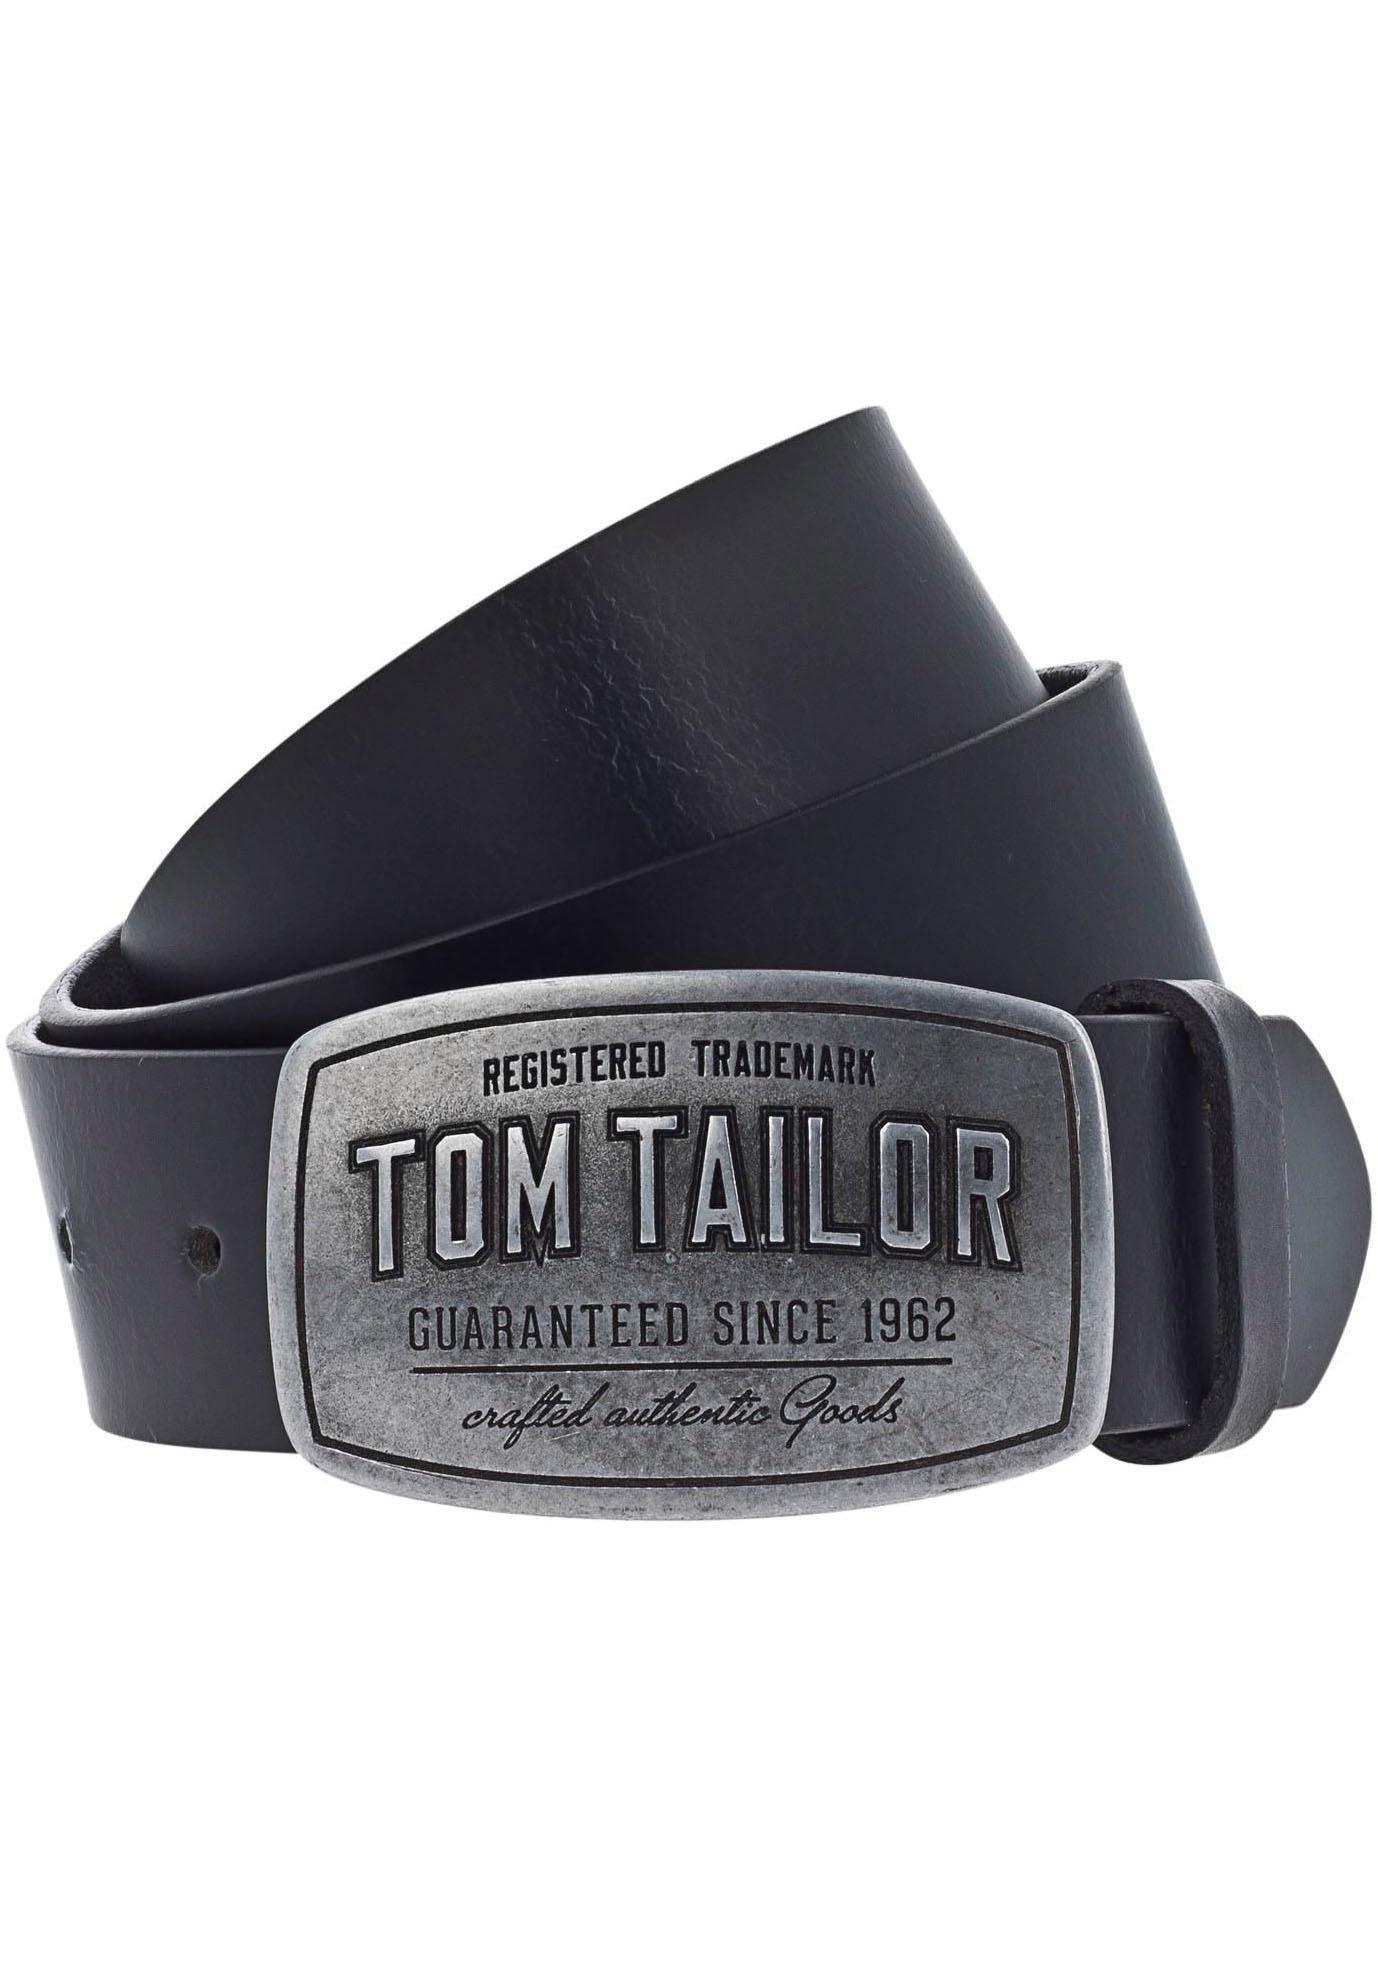 TOM TAILOR koppelriem in de webshop van OTTO kopen